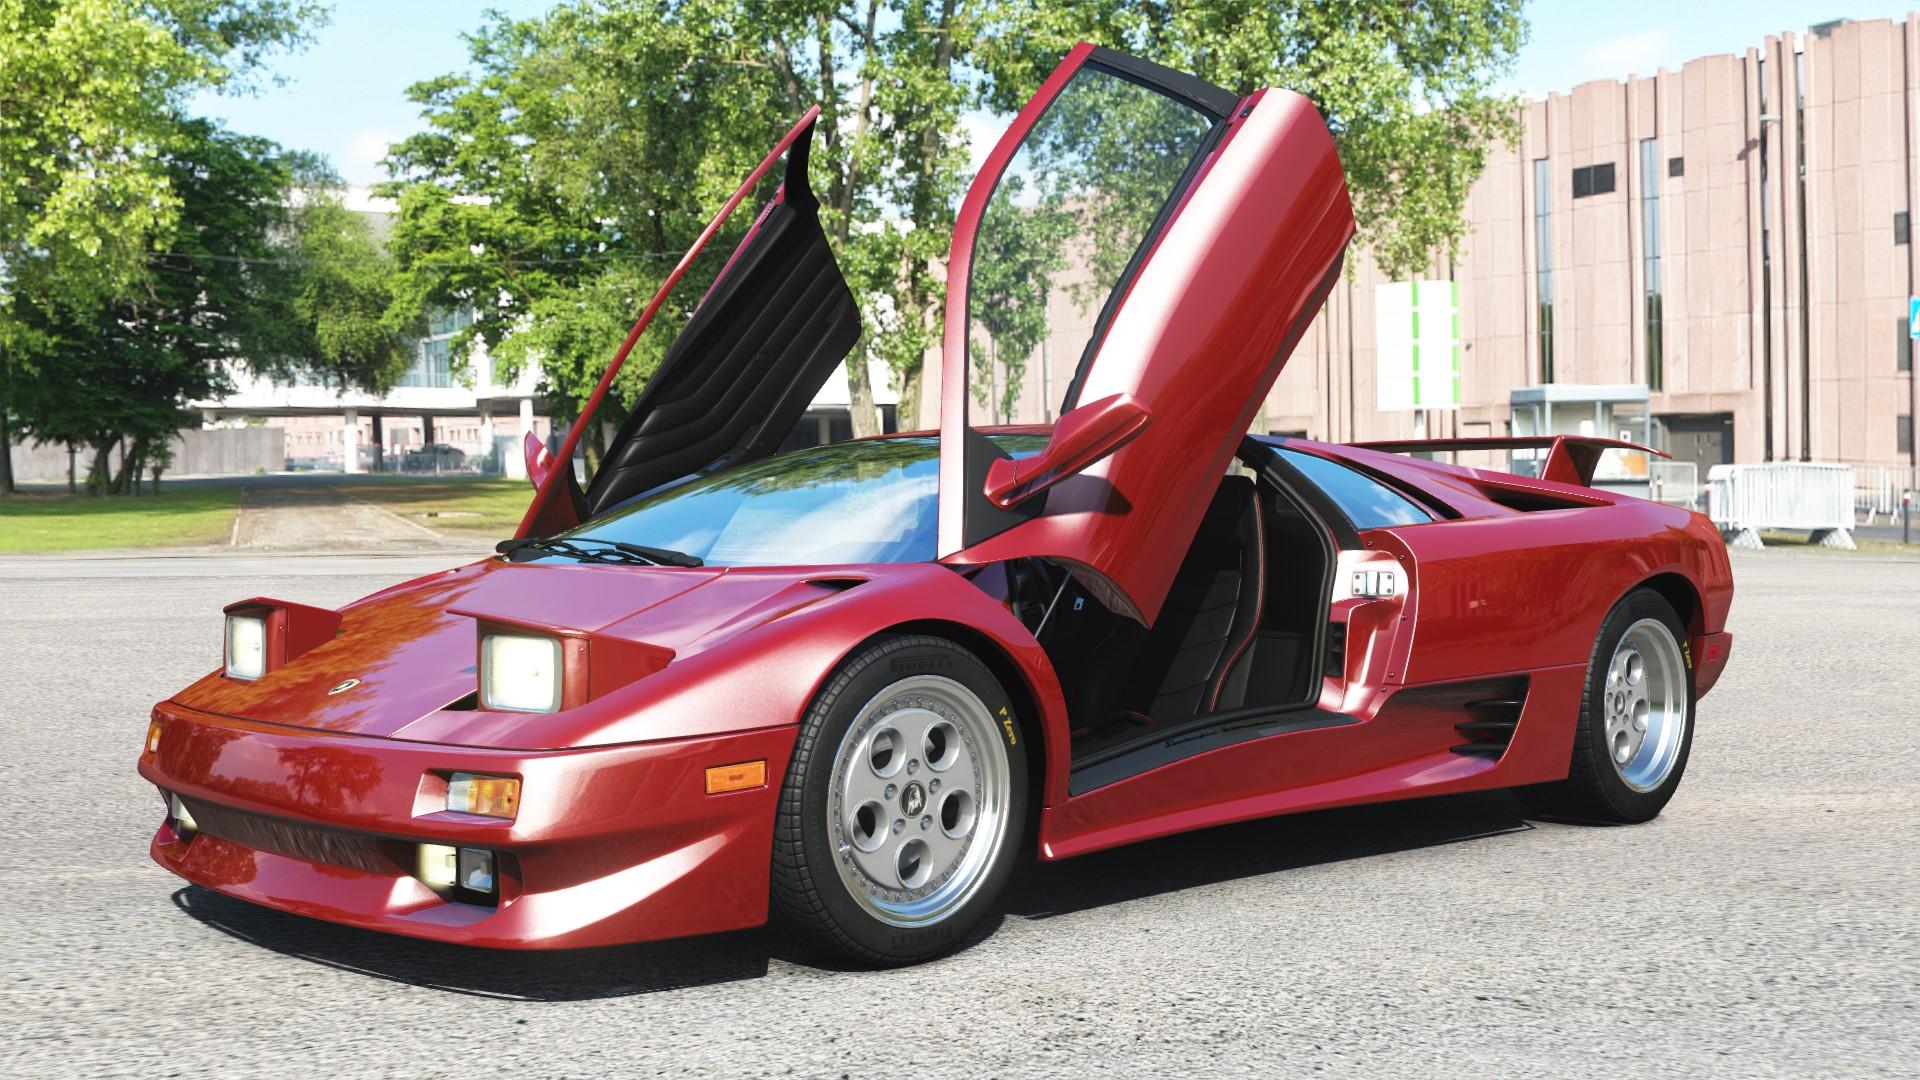 showroom_a3dr_lambo_diablo_vt_9-5-2017-5-35-56-jpg Marvelous Lamborghini Countach Nfs Hot Pursuit Cars Trend